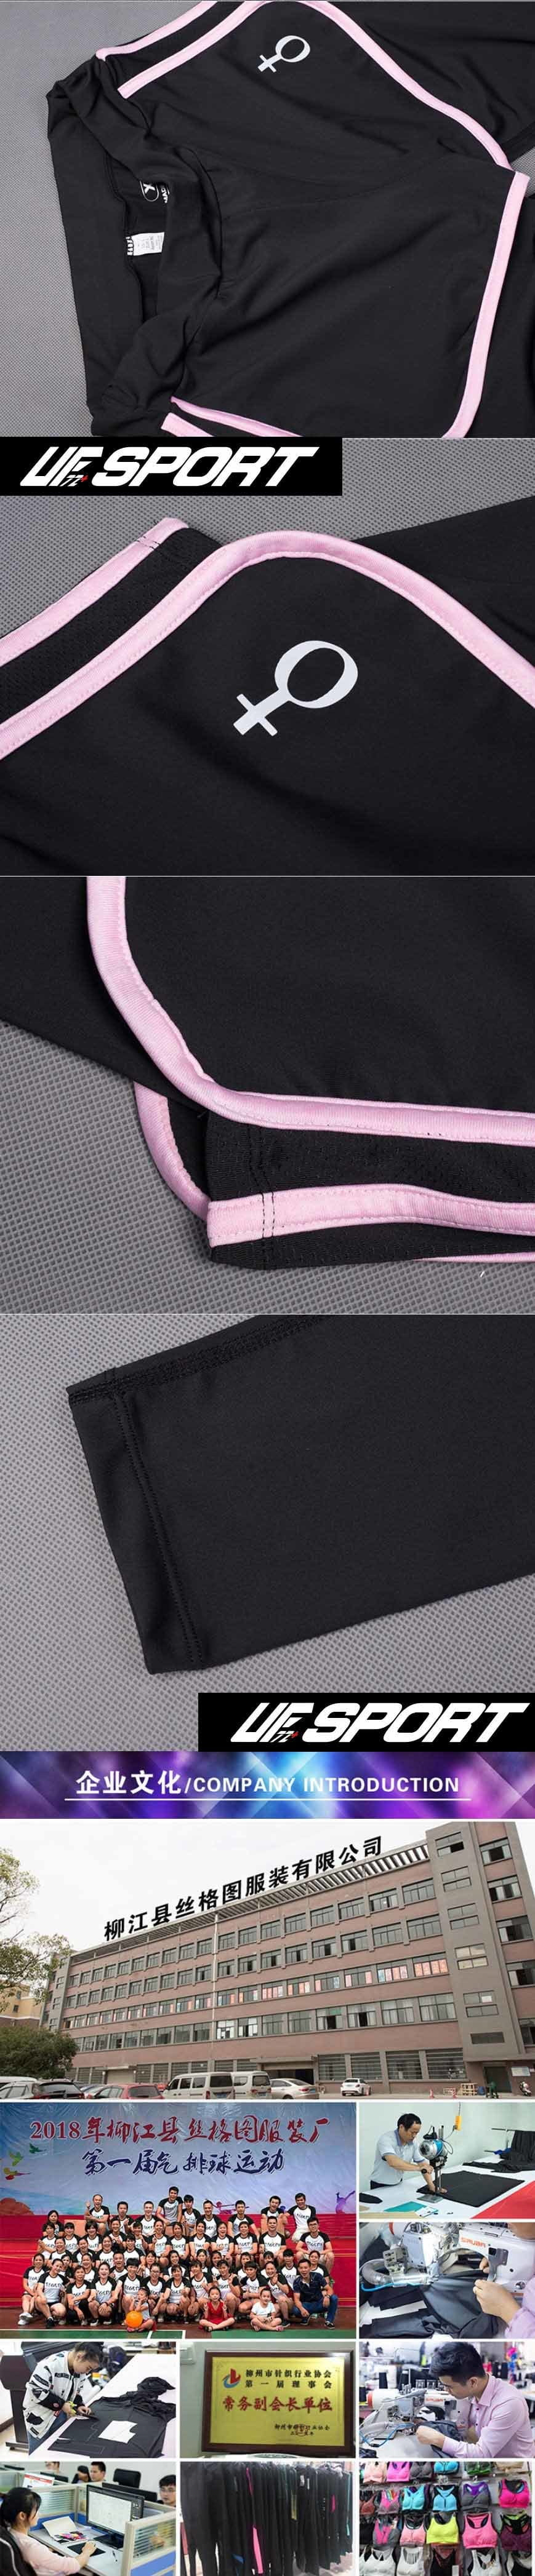 【UF72+】UF-W17121時尚高彈力女款速乾瑜珈輕壓假兩件運動褲/黑灰 3